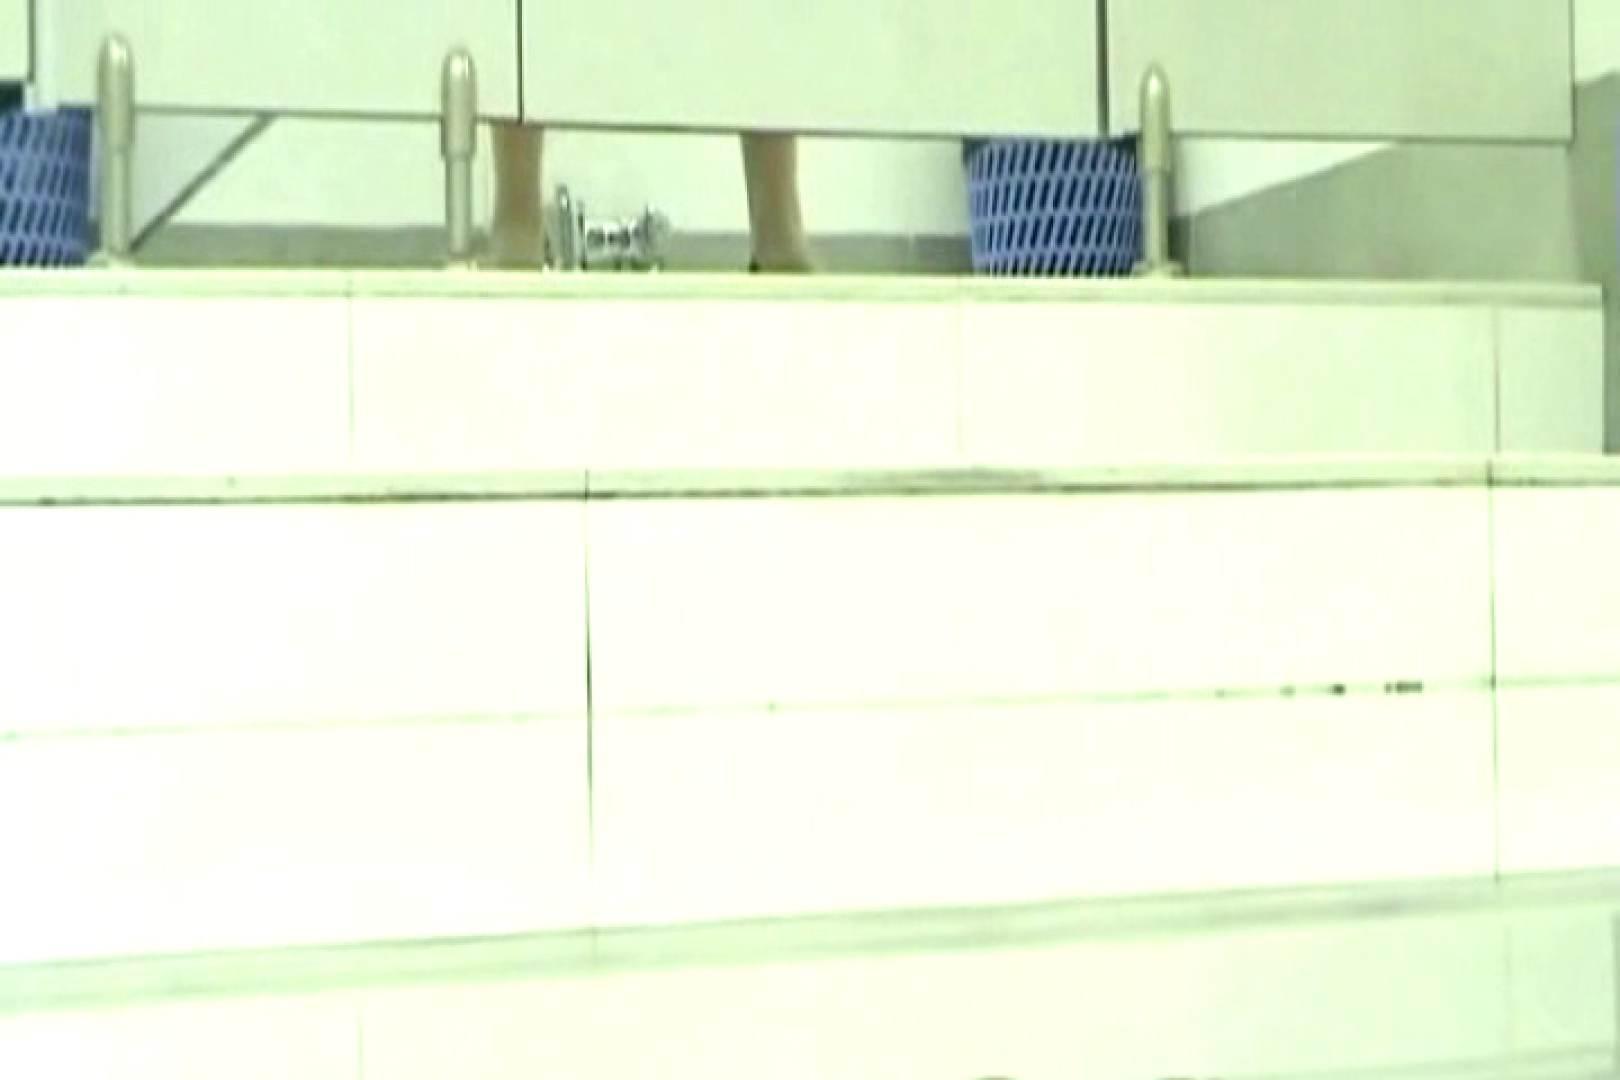 ぼっとん洗面所スペシャルVol.2 洗面所突入 | マンコ・ムレムレ  106pic 73